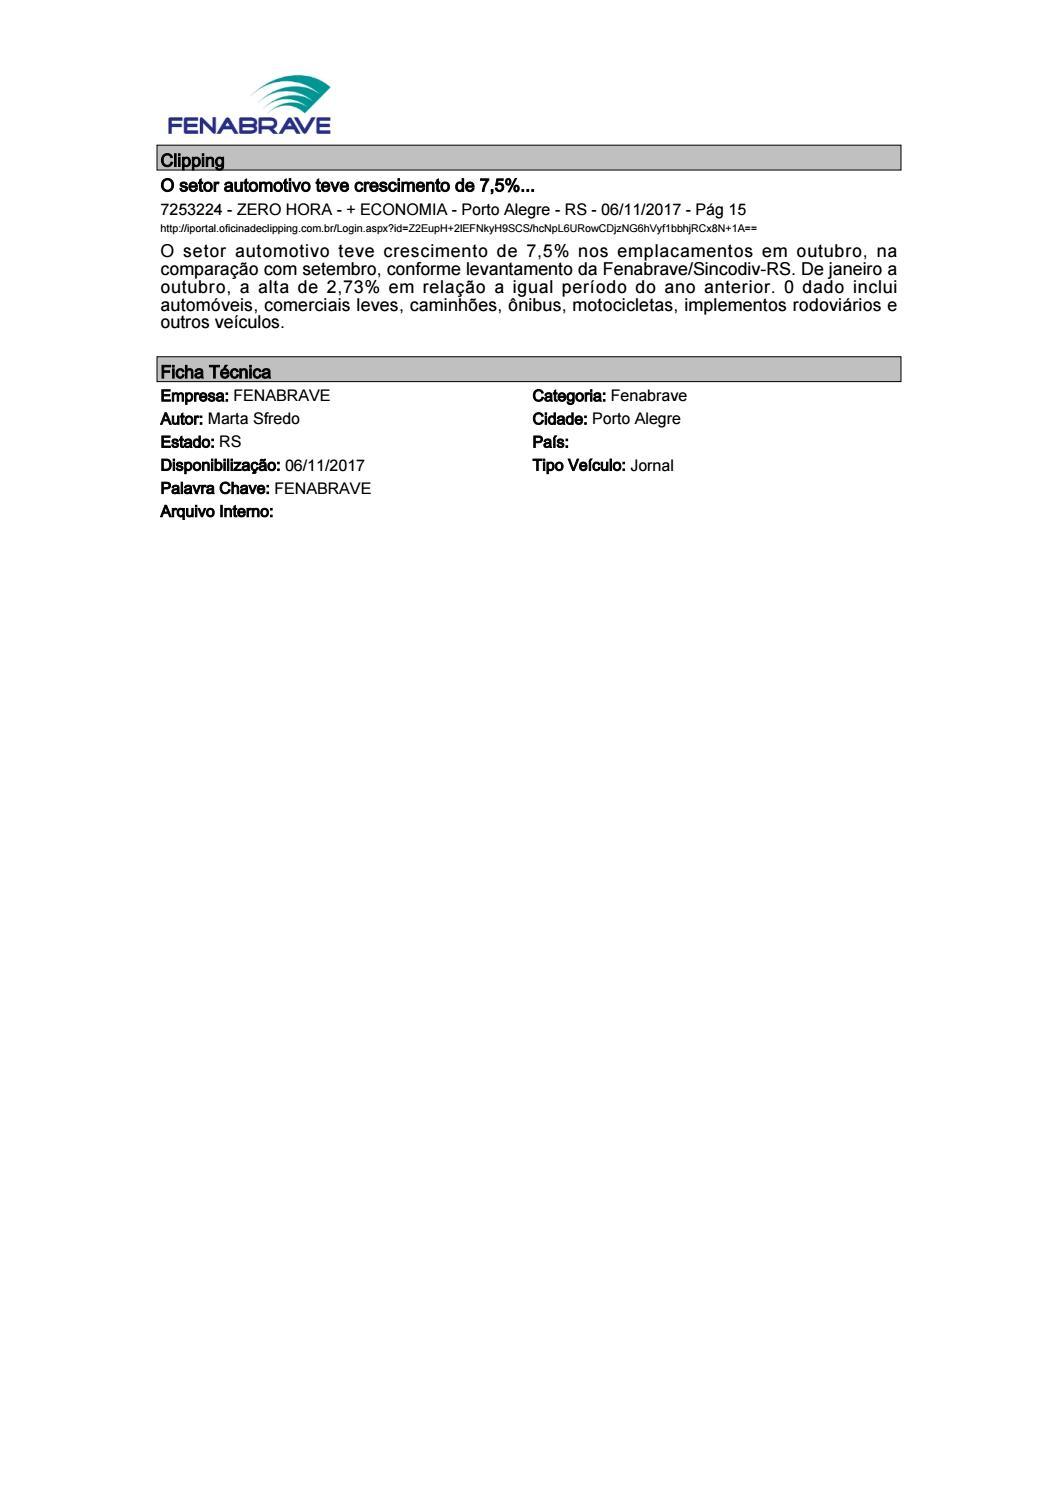 404a5fb07d5b6 Clipping Fenabrave 06.11.2017 by MCE Comunicação - issuu